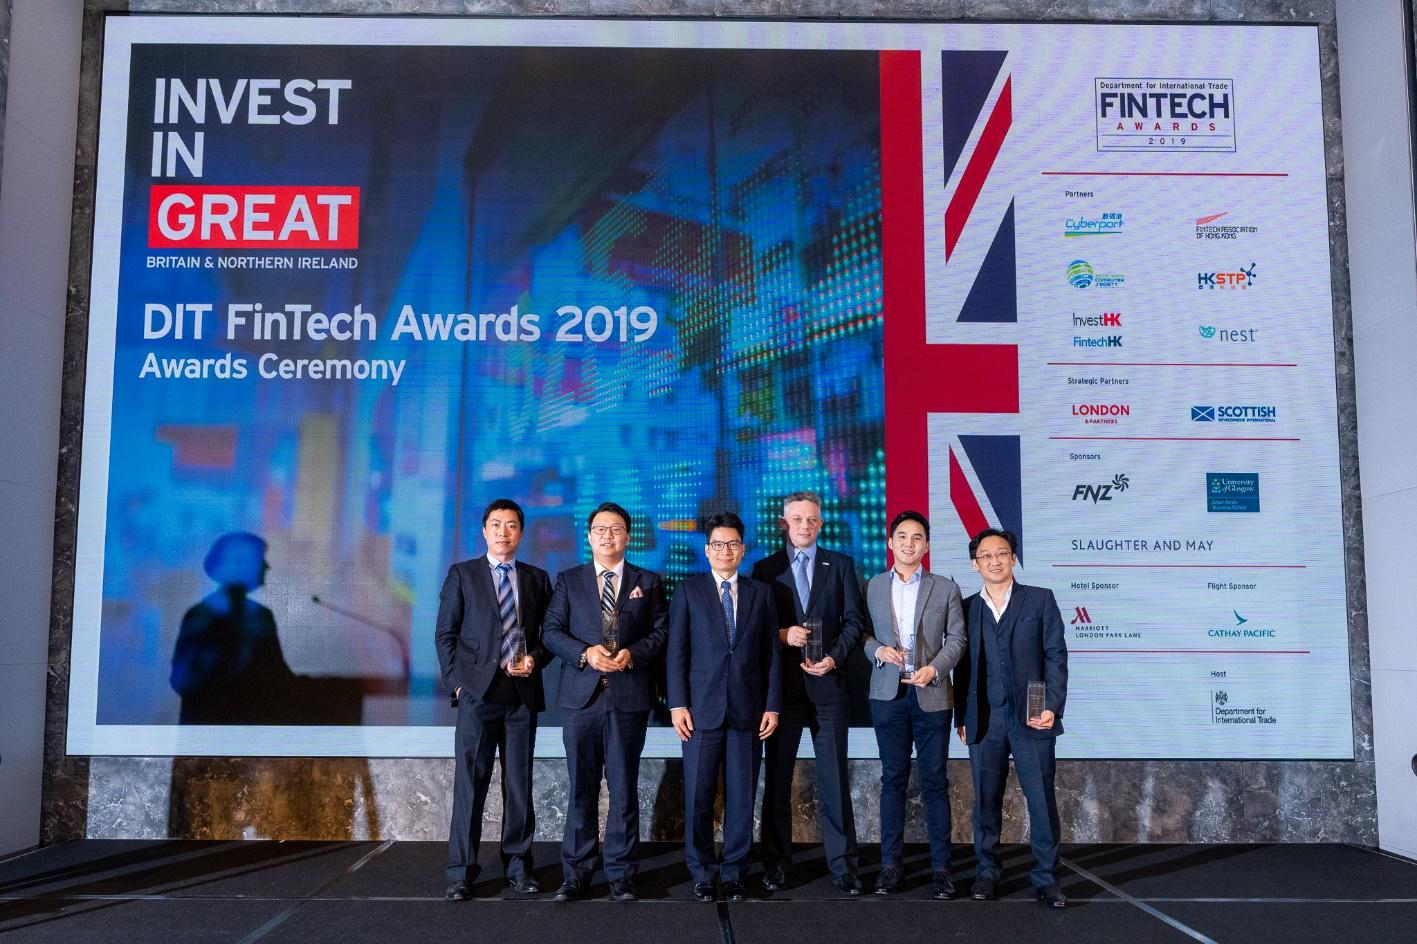 第五届英国国际贸易部金融科技大